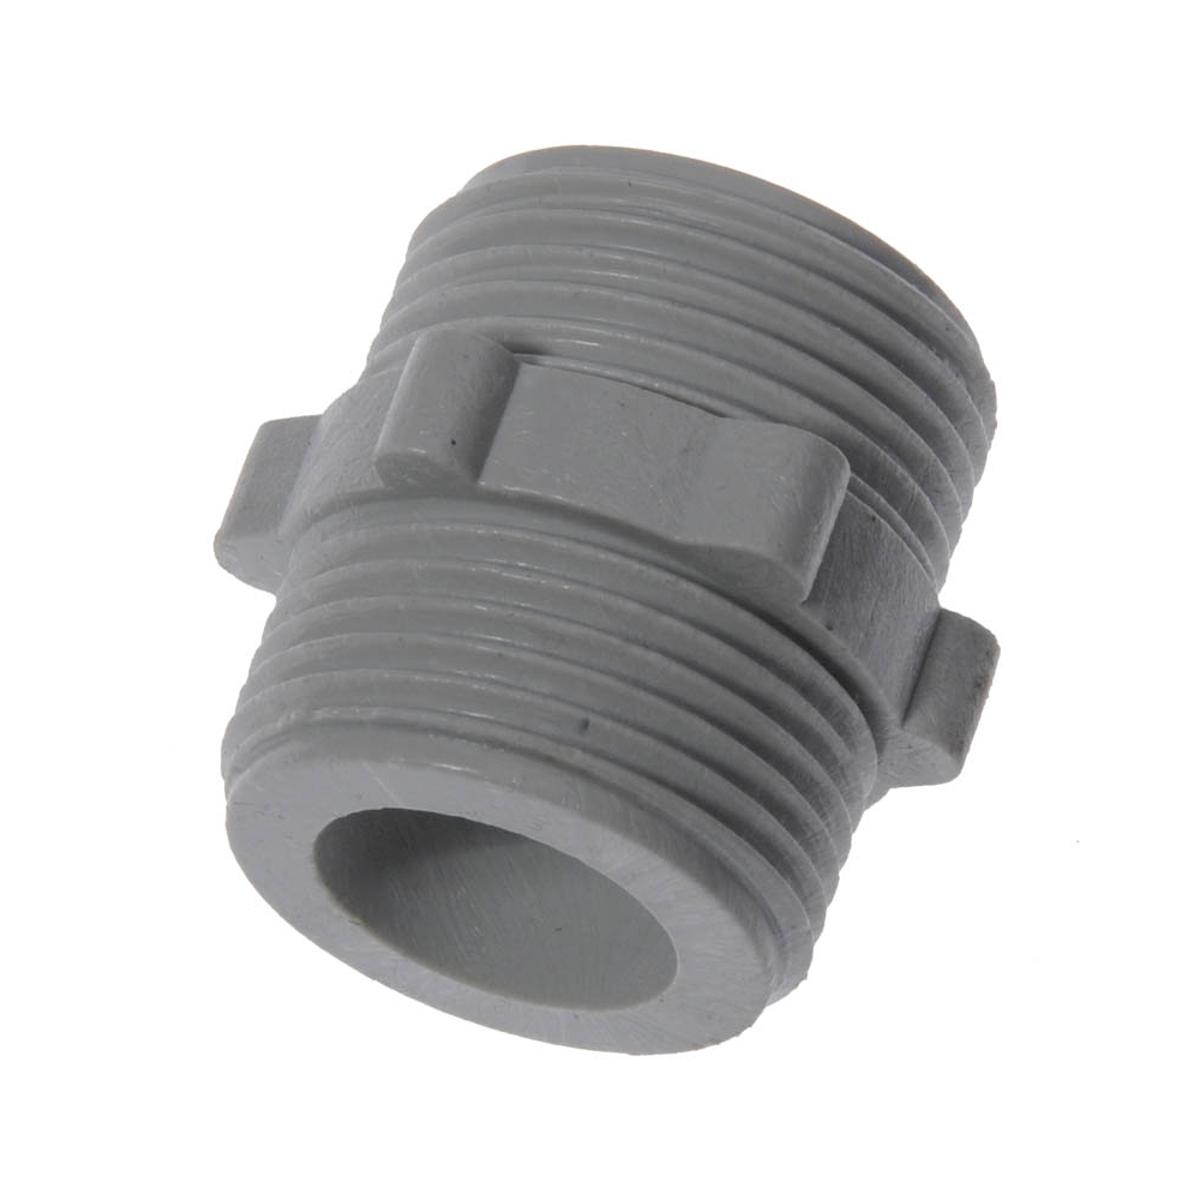 """Ниппель (бочонок) пластиковый представляет из себя соединительную трубку, предназначенную для временного или постоянного герметичного соединения двух заливных шлангов друг с другом.Размер: 3/4"""" (20 мм).Материал: пластик."""